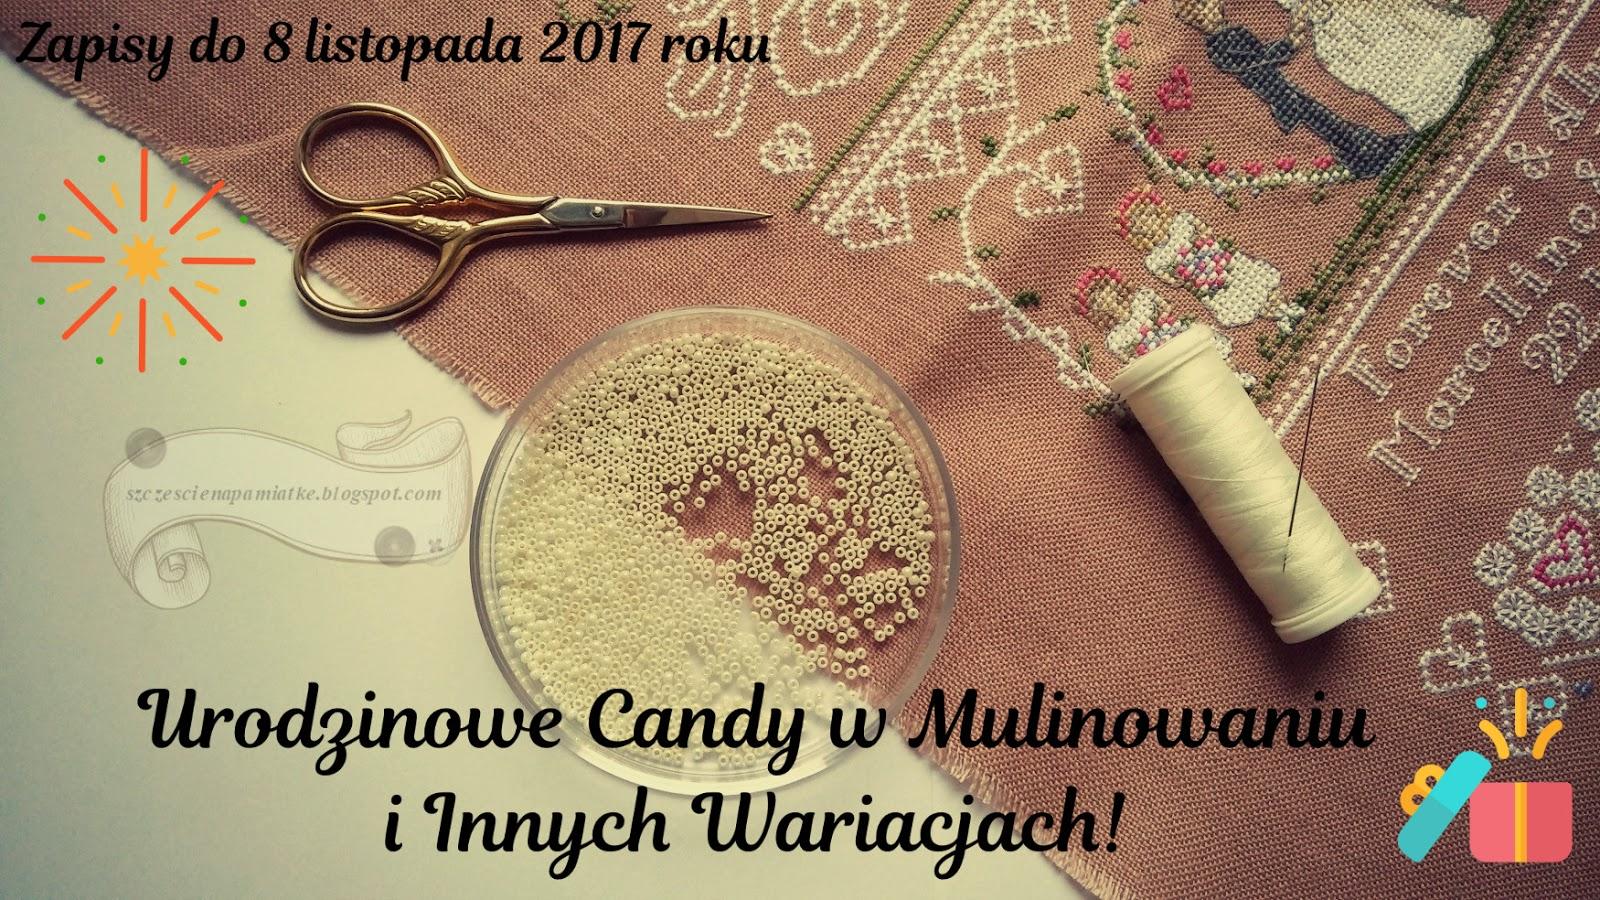 Urodzinowe Candy w Mulinowaniu i Innych Wariacjach!